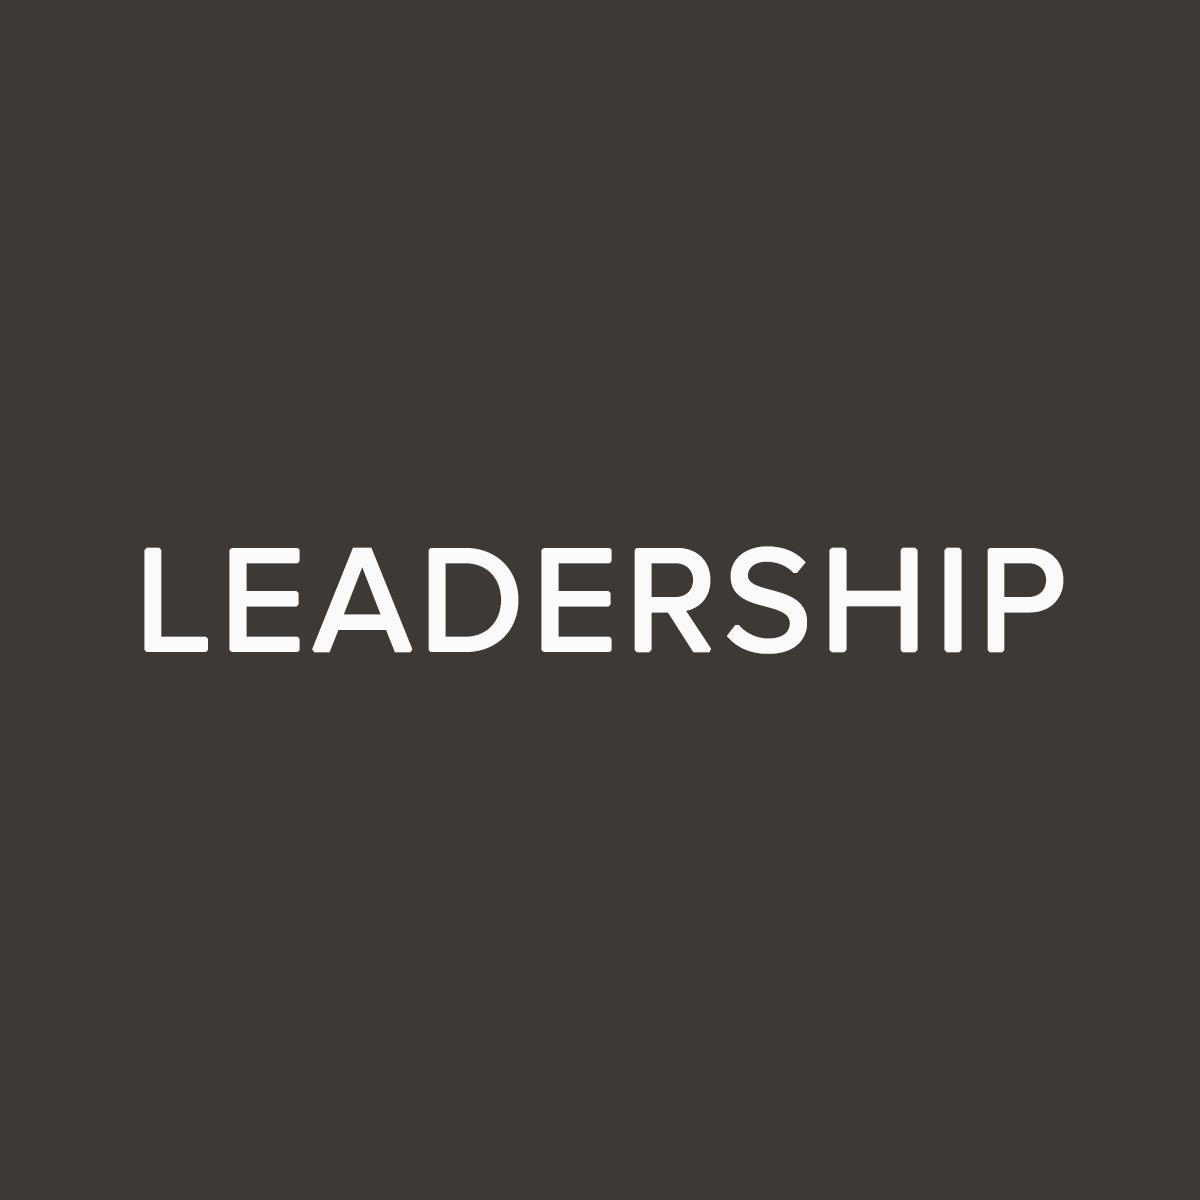 Leadership Tile.jpg